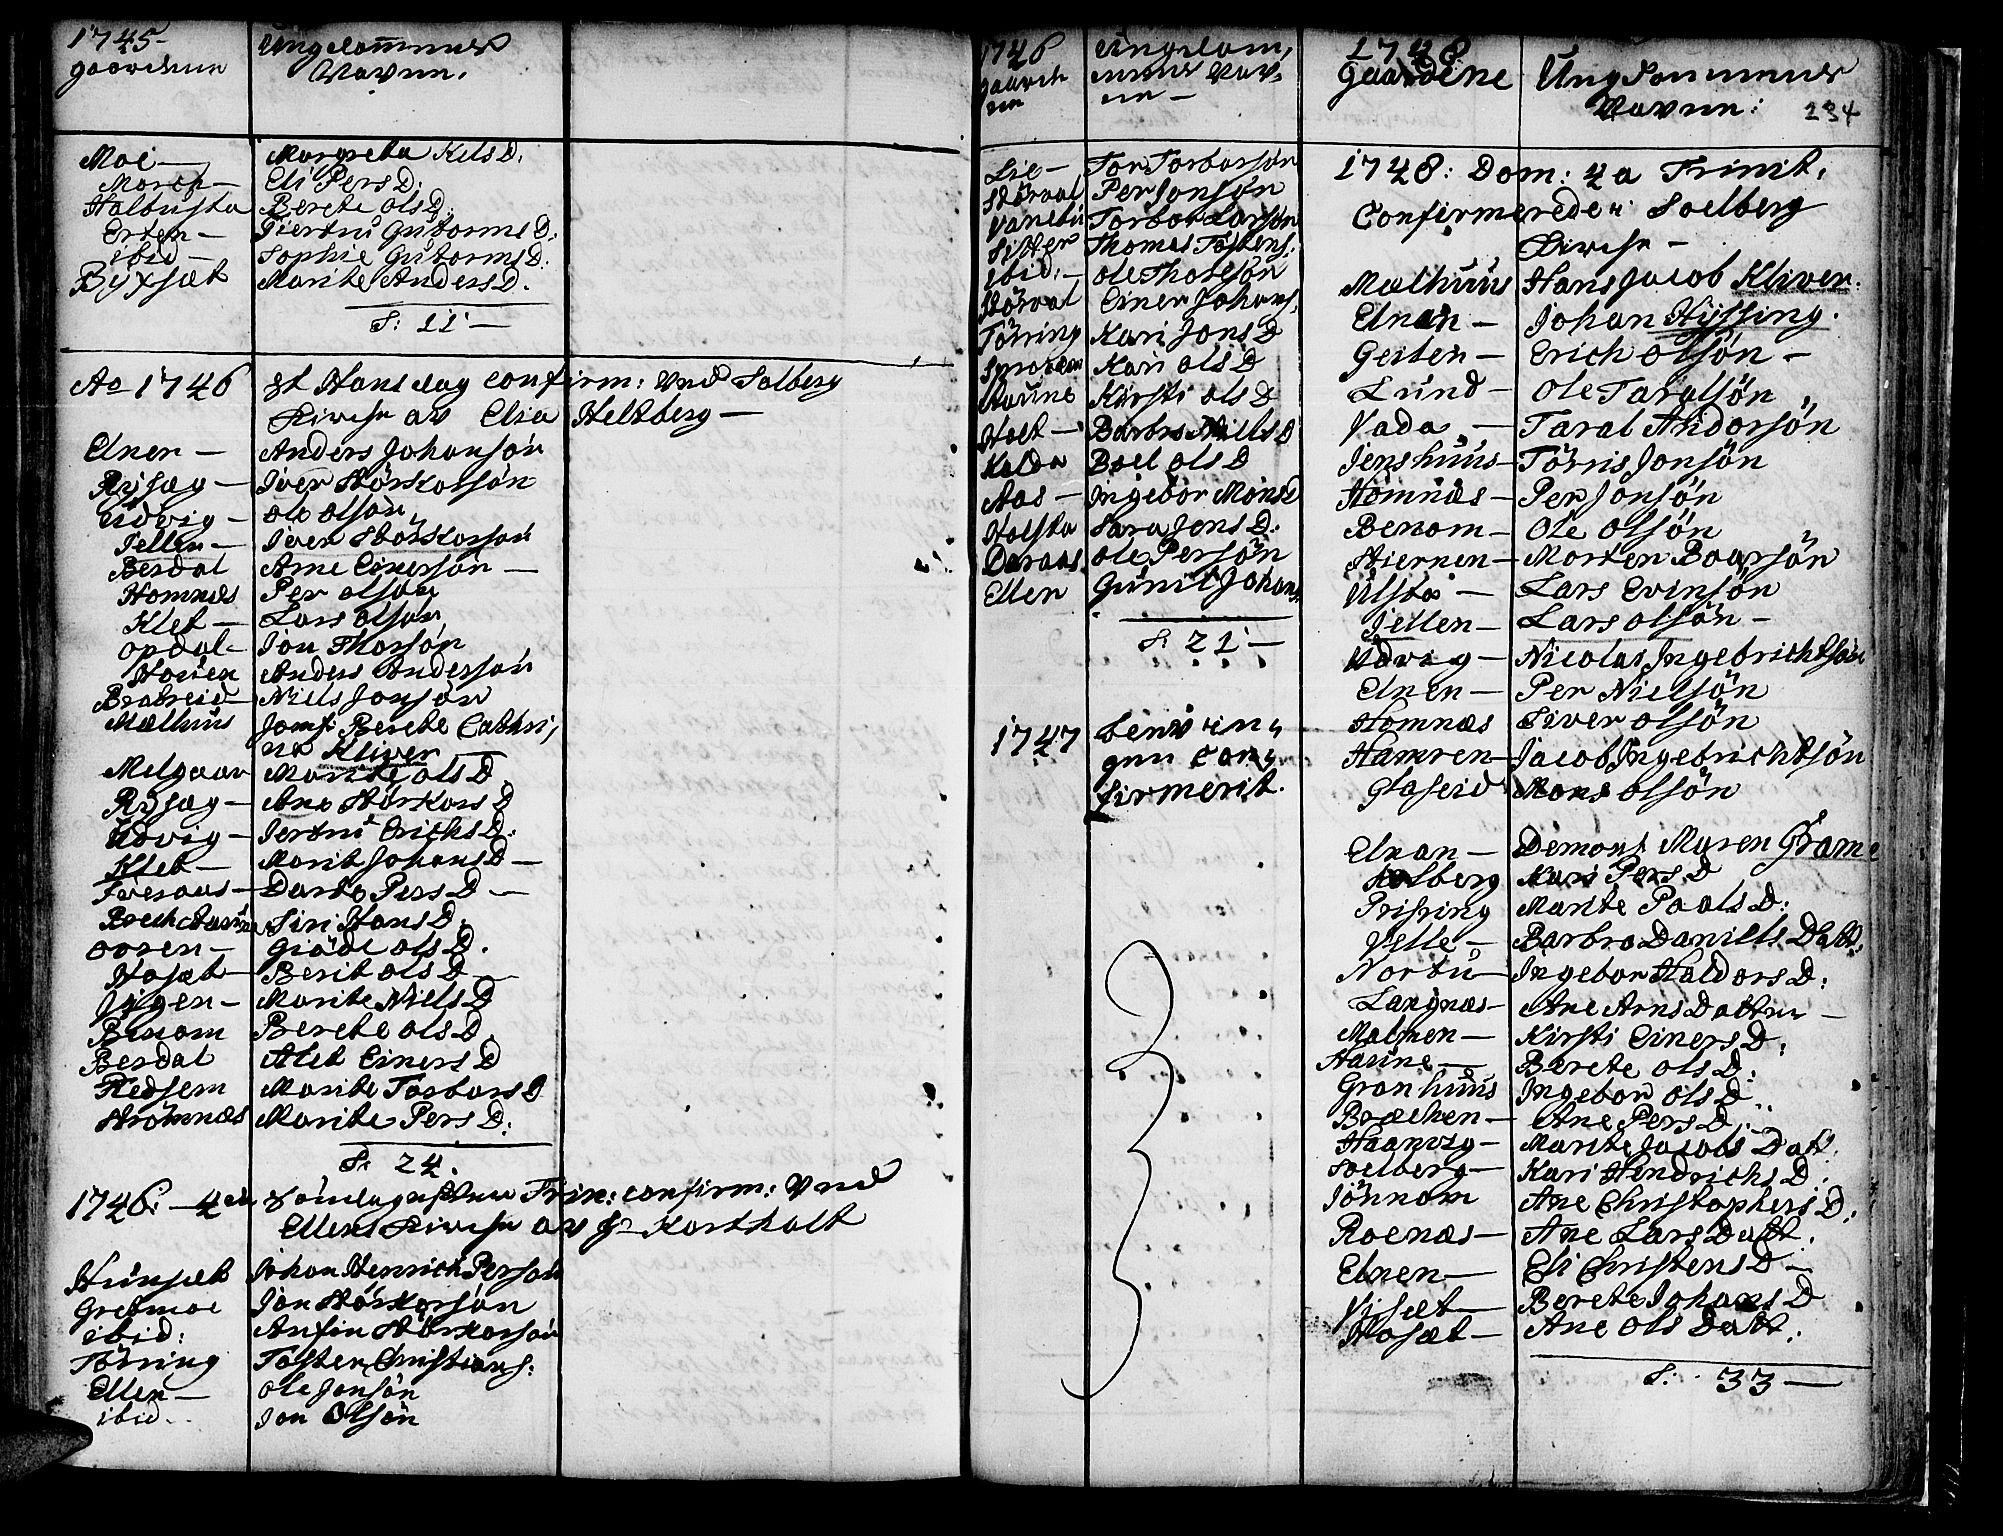 SAT, Ministerialprotokoller, klokkerbøker og fødselsregistre - Nord-Trøndelag, 741/L0385: Ministerialbok nr. 741A01, 1722-1815, s. 234